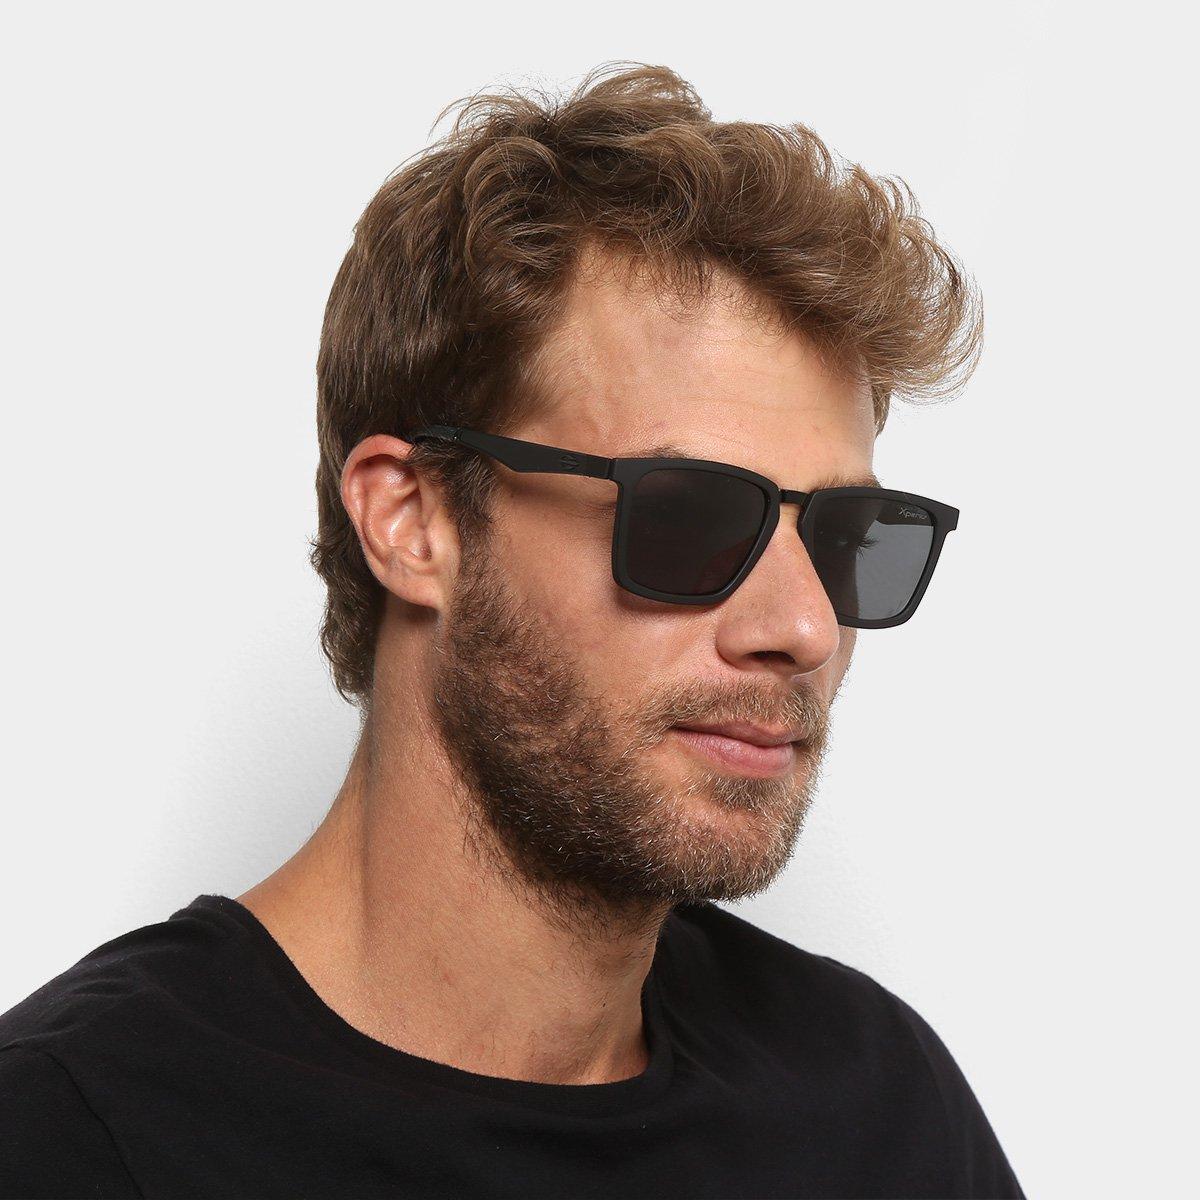 ca8f3c32c52d5 Óculos de Sol MORMAII SAN LUIZ M0061AEE03 - Compre Agora   Zattini